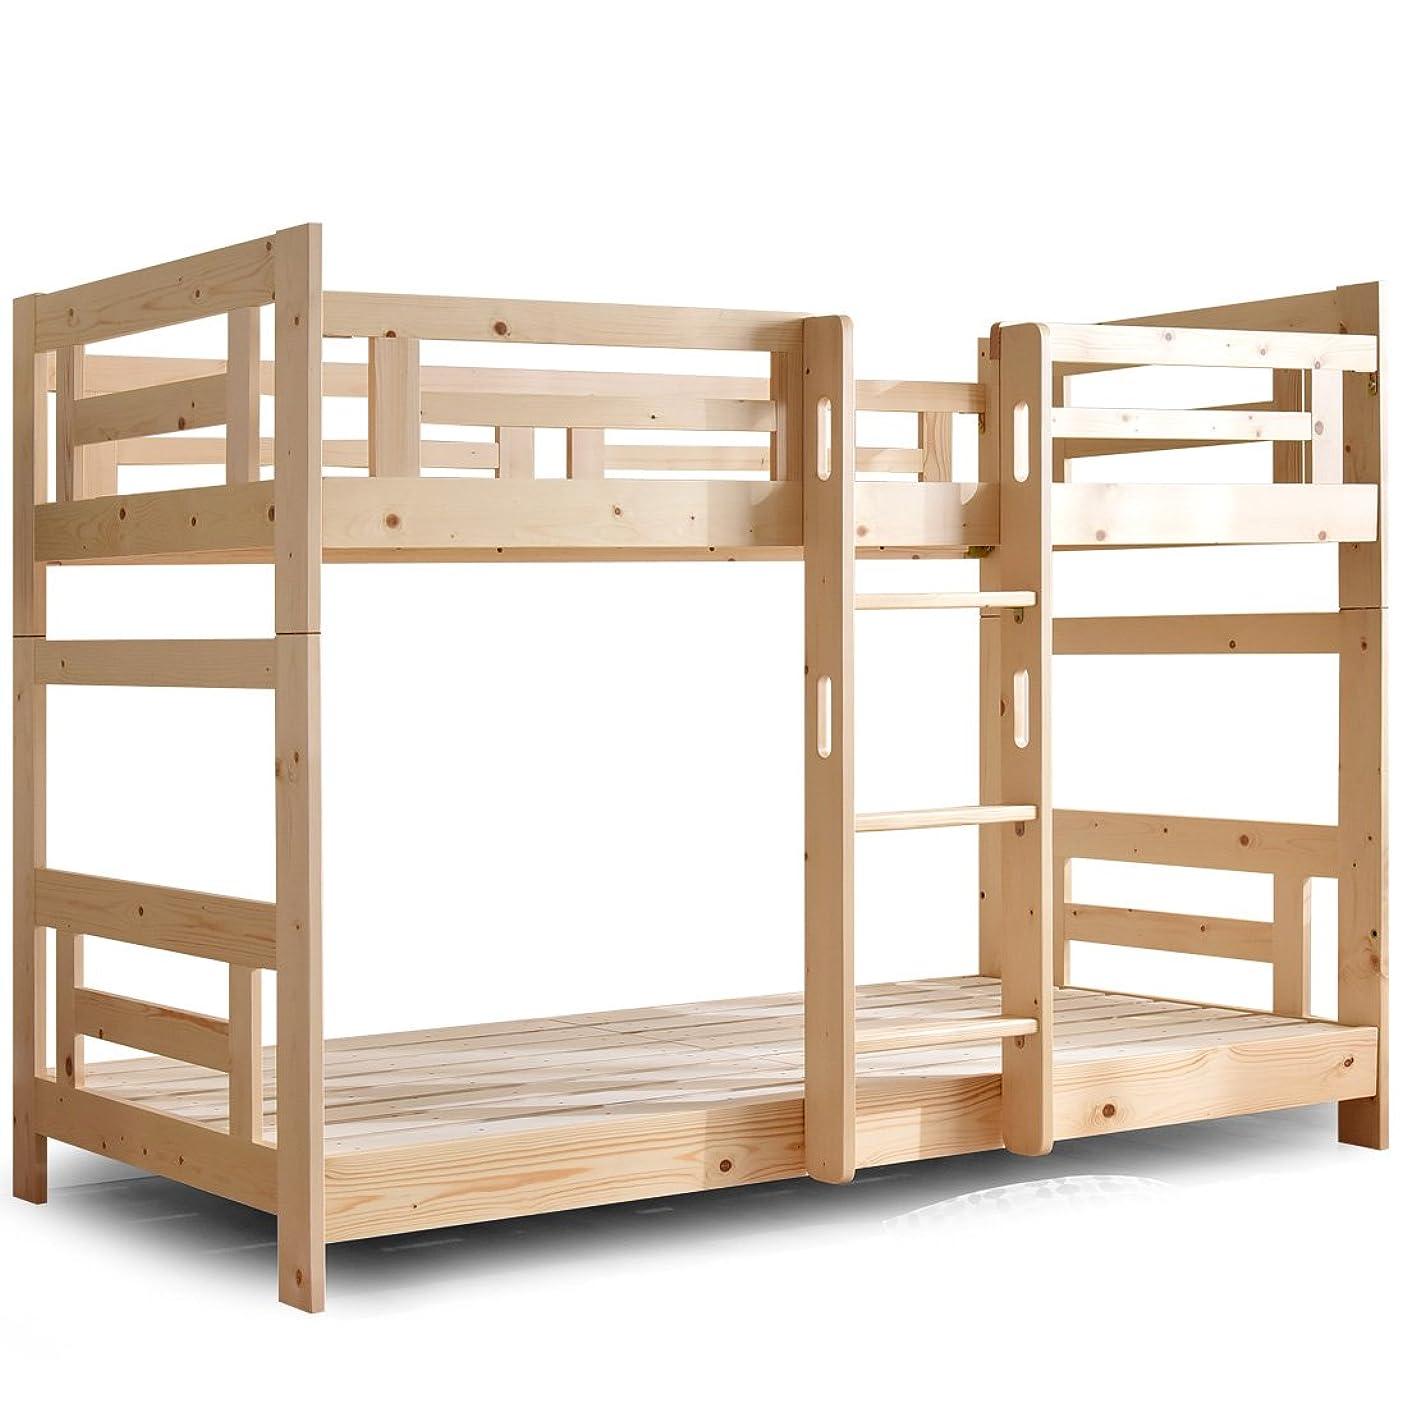 前進感謝祭執着タンスのゲン 二段ベッド 【耐荷重1段につき約300kg! 縦はしごで省スペース】 シングル シンプルデザイン 頑丈 フレーリ ナチュラル 49600002 00 【大型商品】